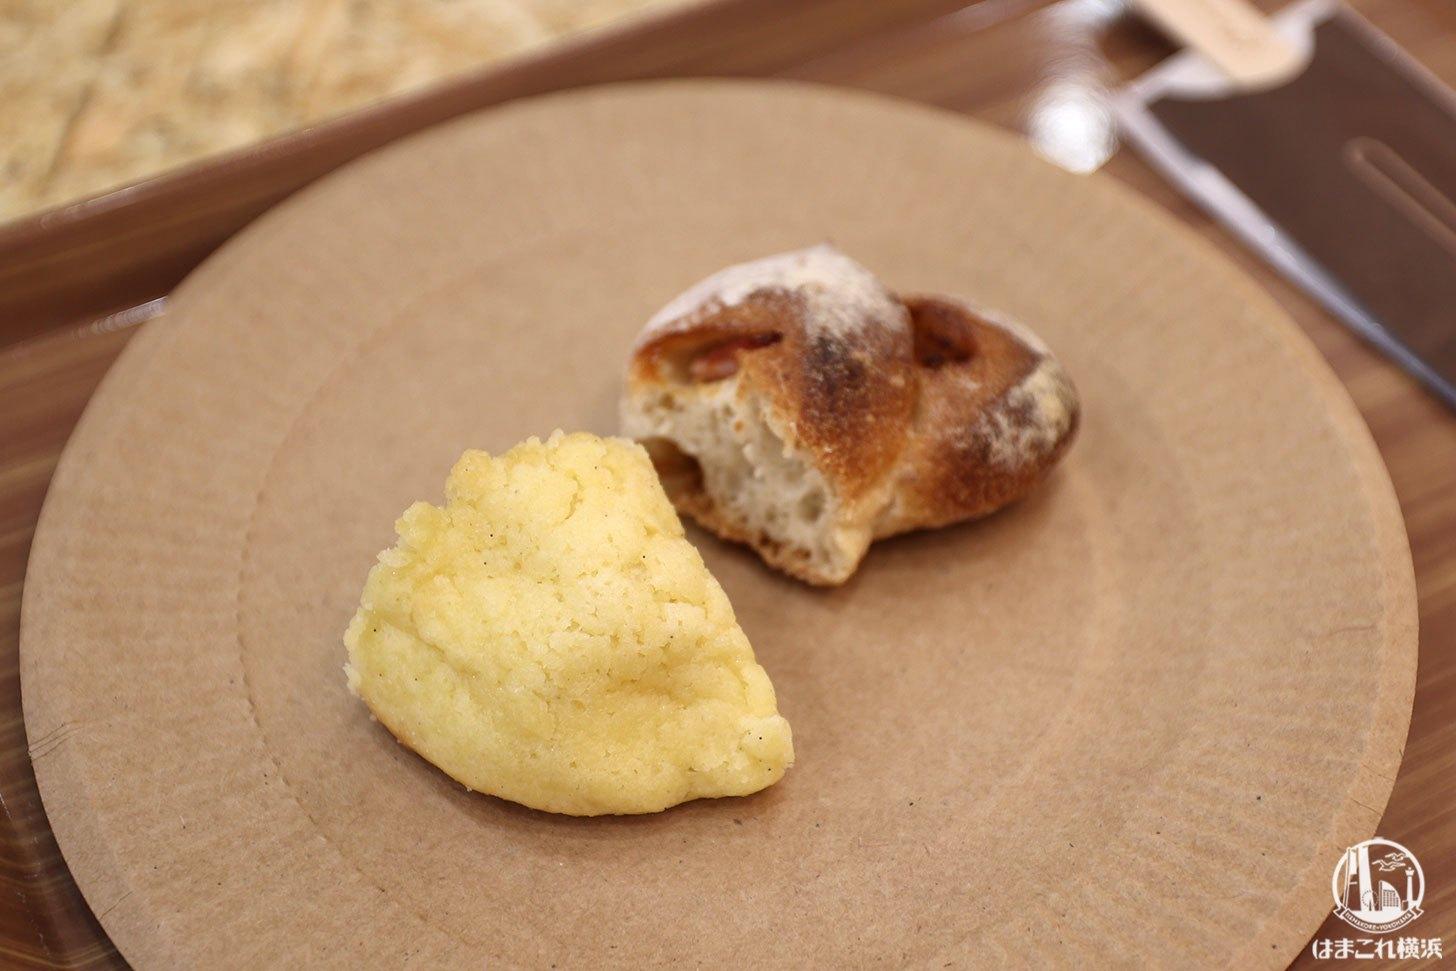 試食した冷凍パン